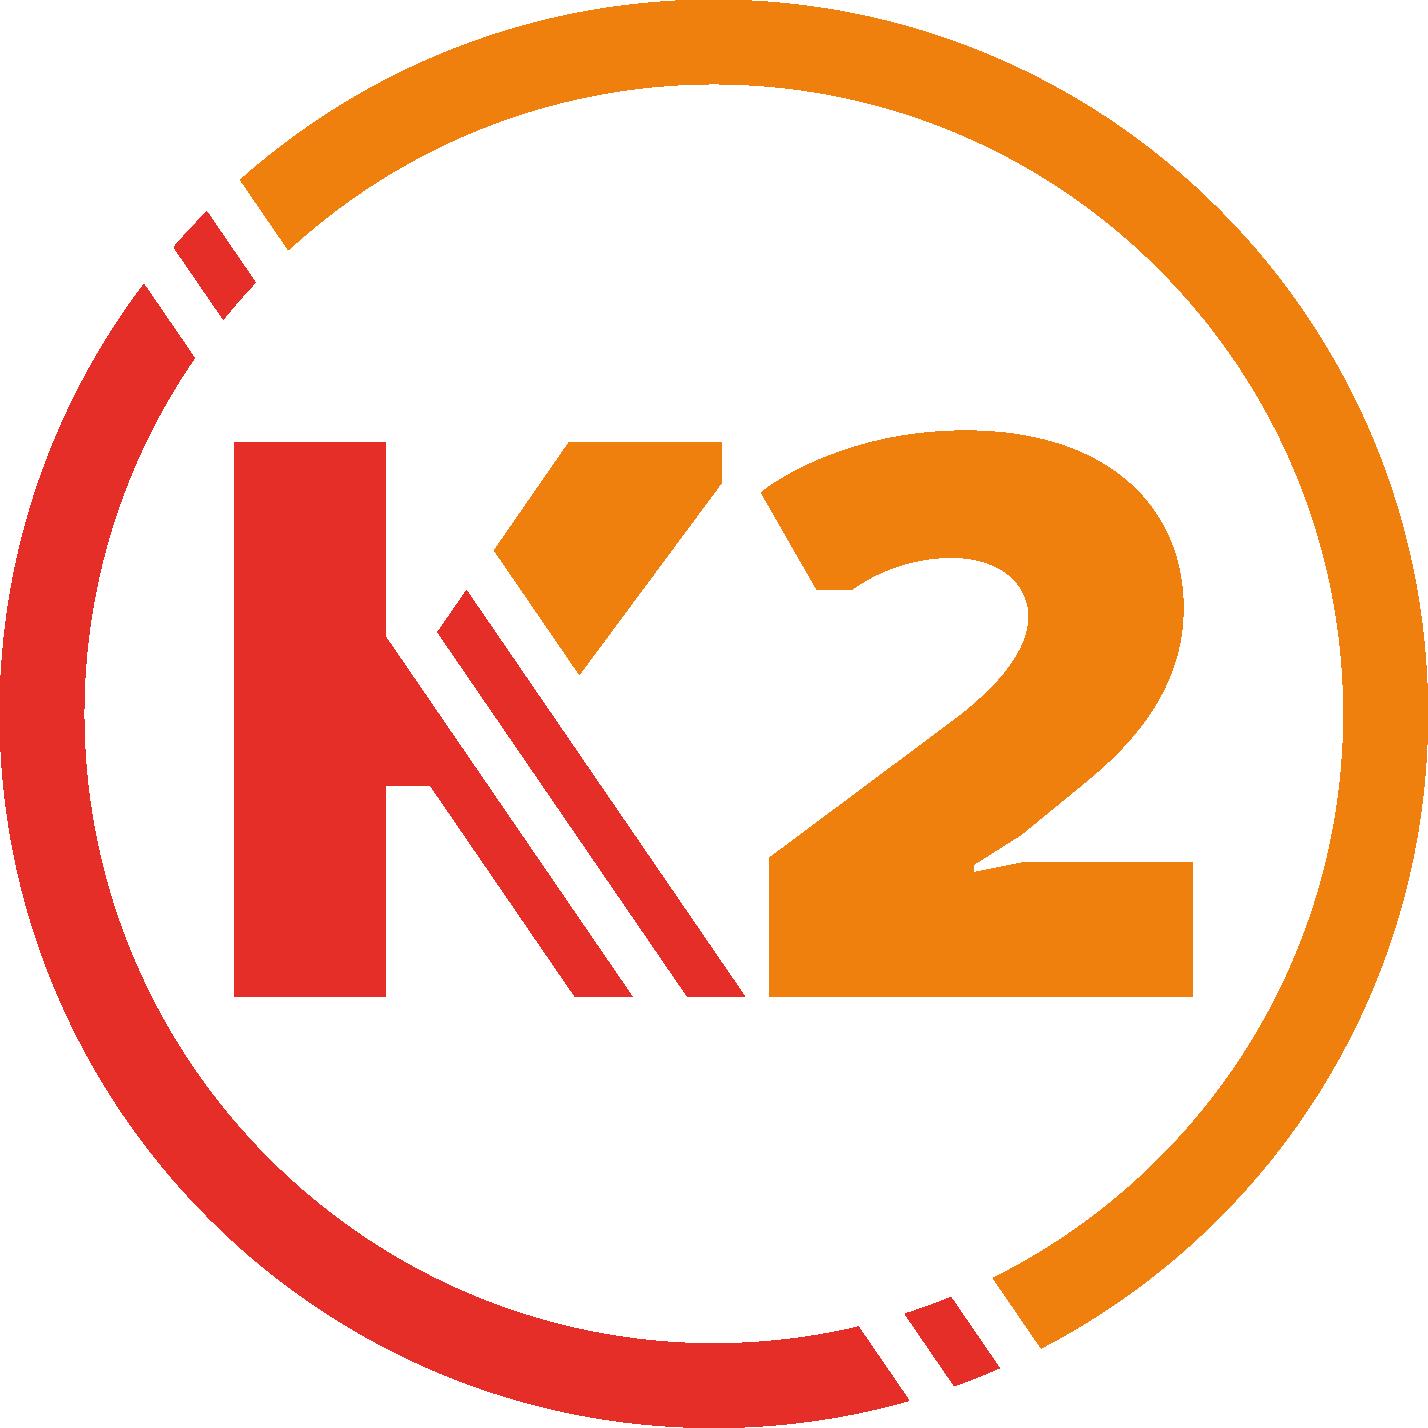 Kadvojkashop.cz